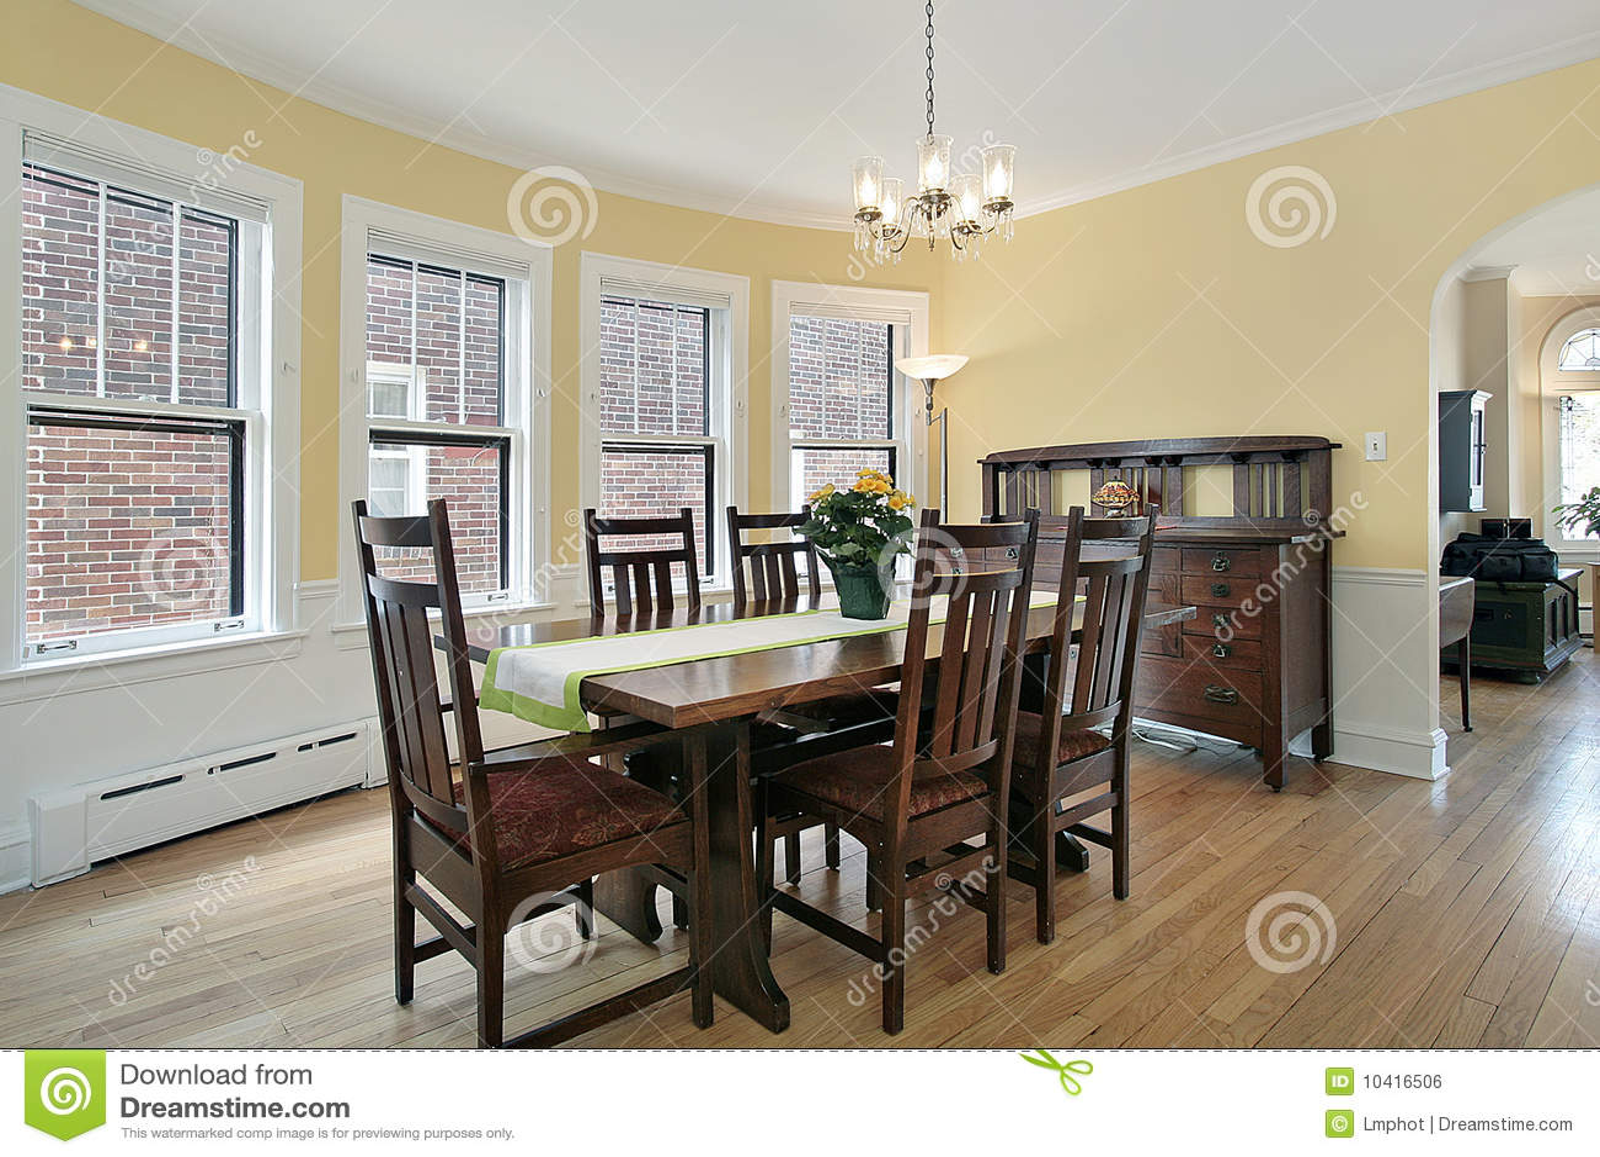 Comedor con los muebles de madera imagen de archivo libre for Muebles de comedor en madera